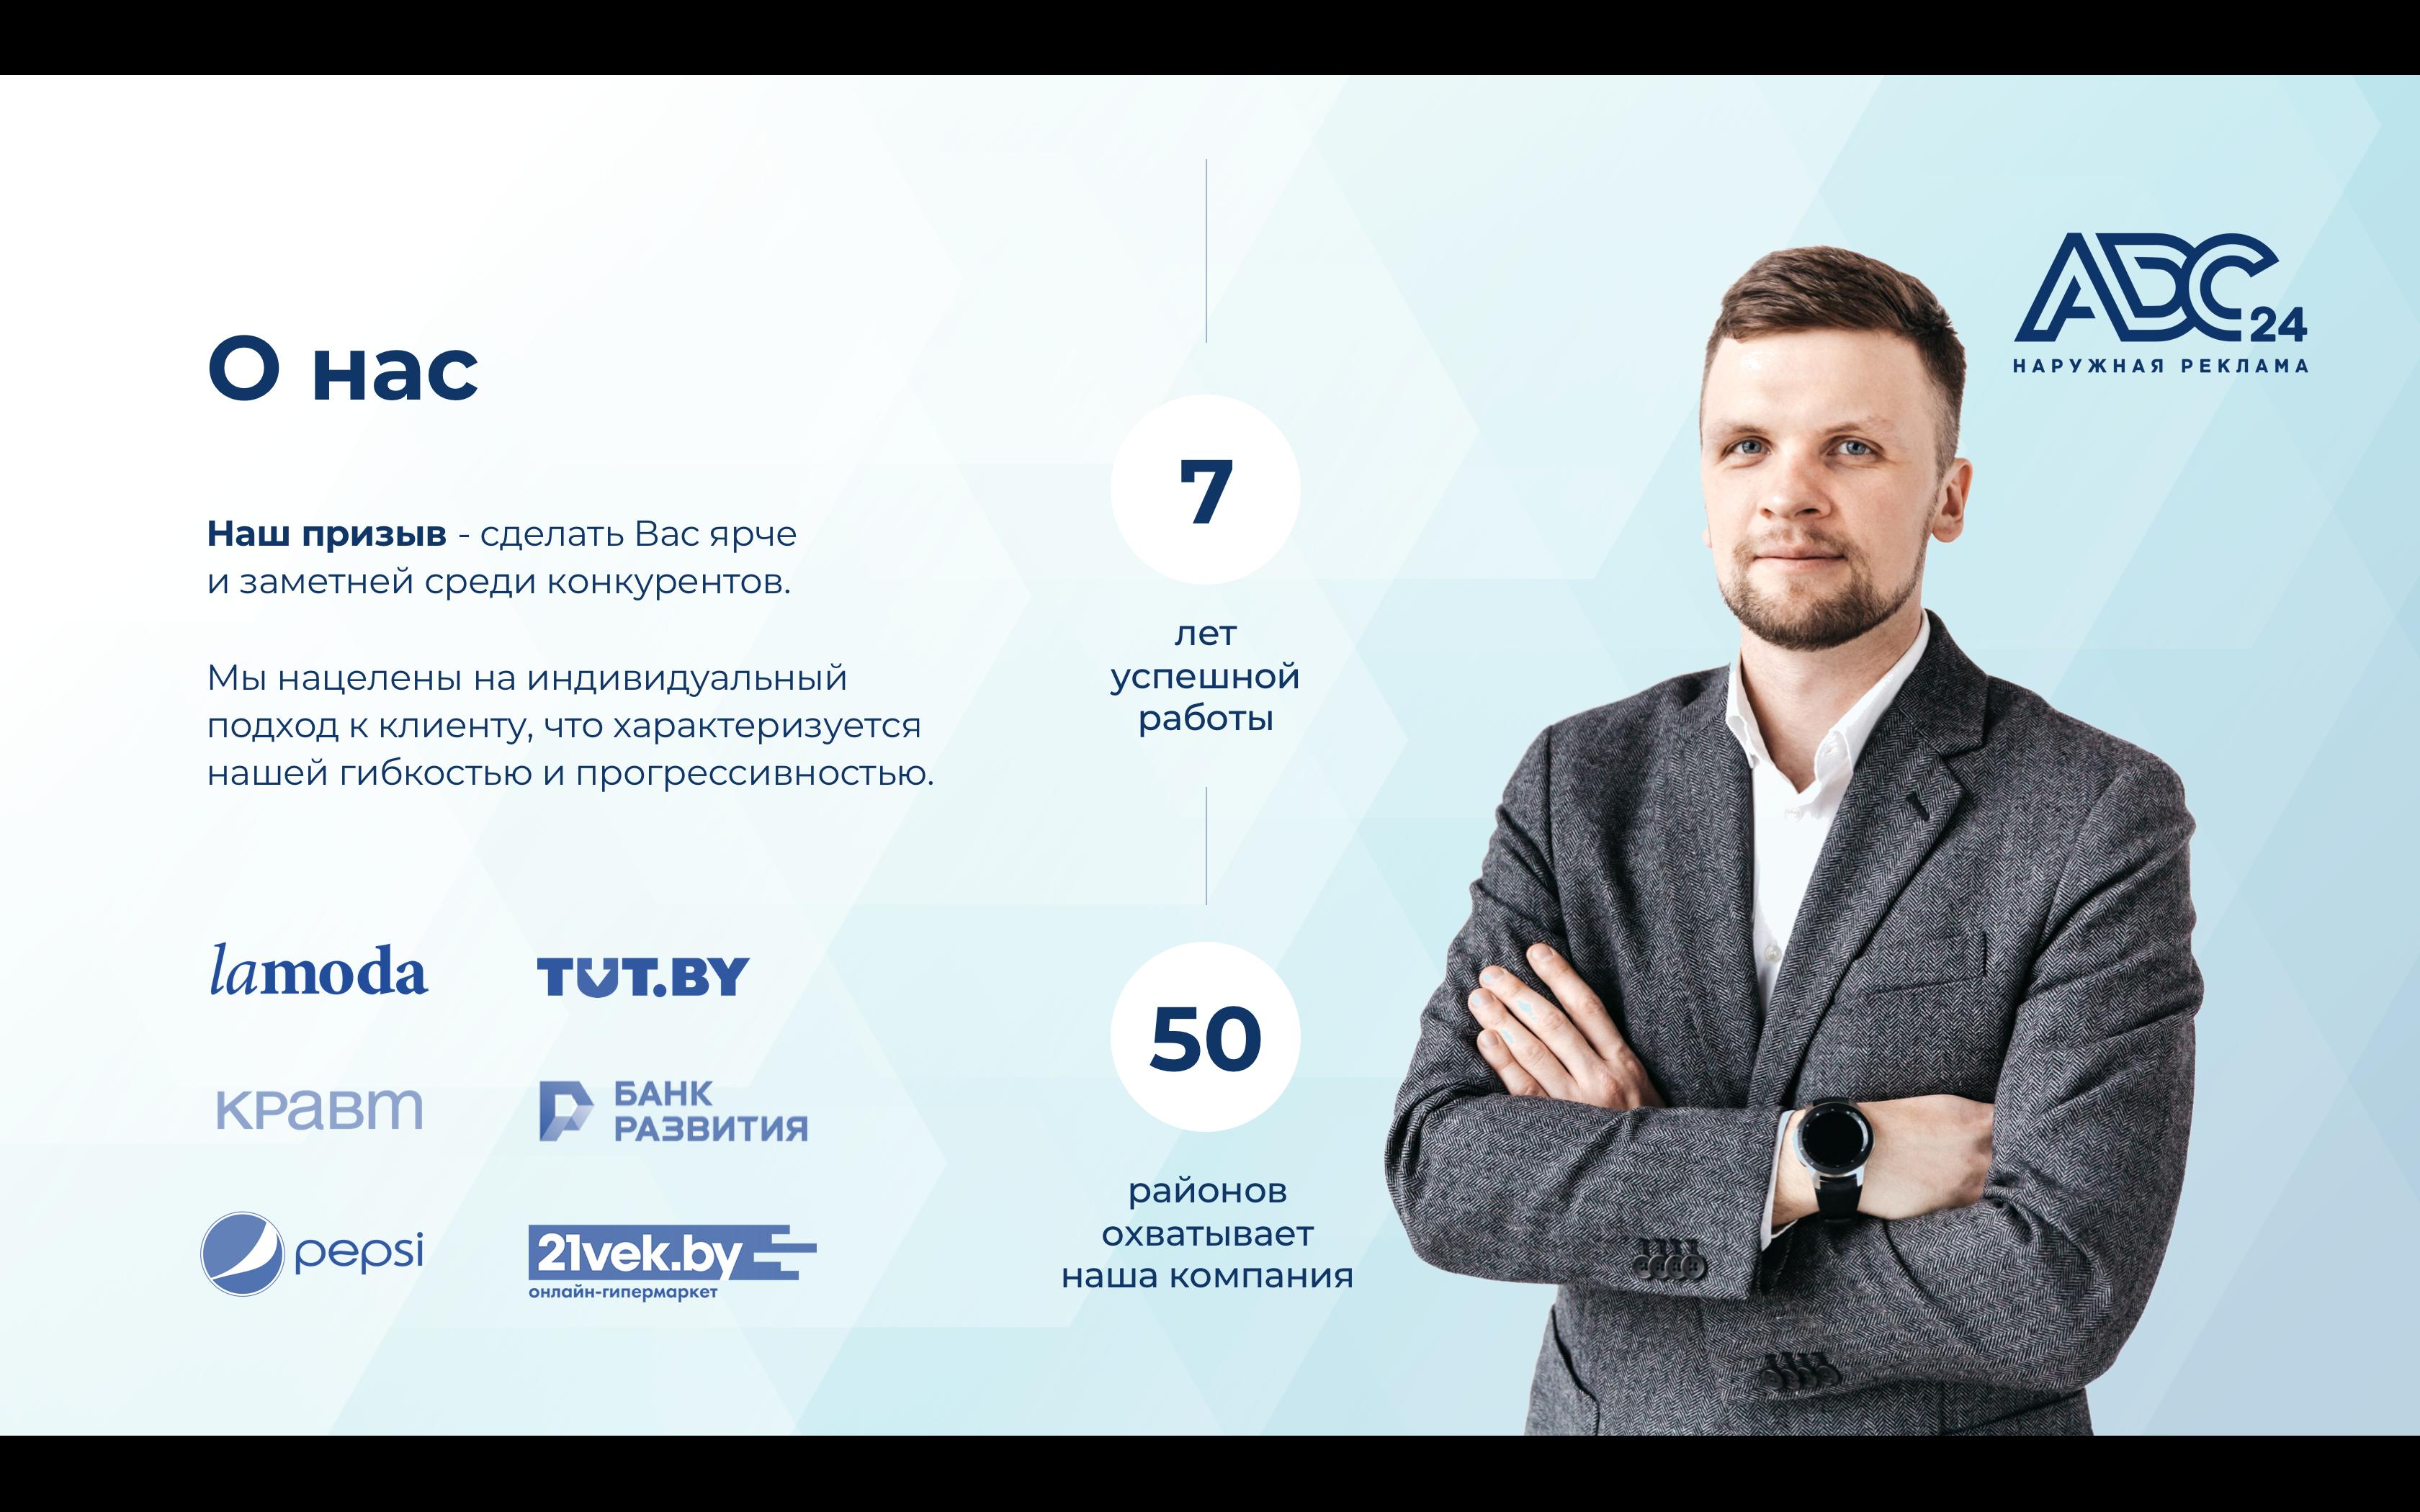 Участие в конкурсе на разработку презентации для ADC24 (2019)